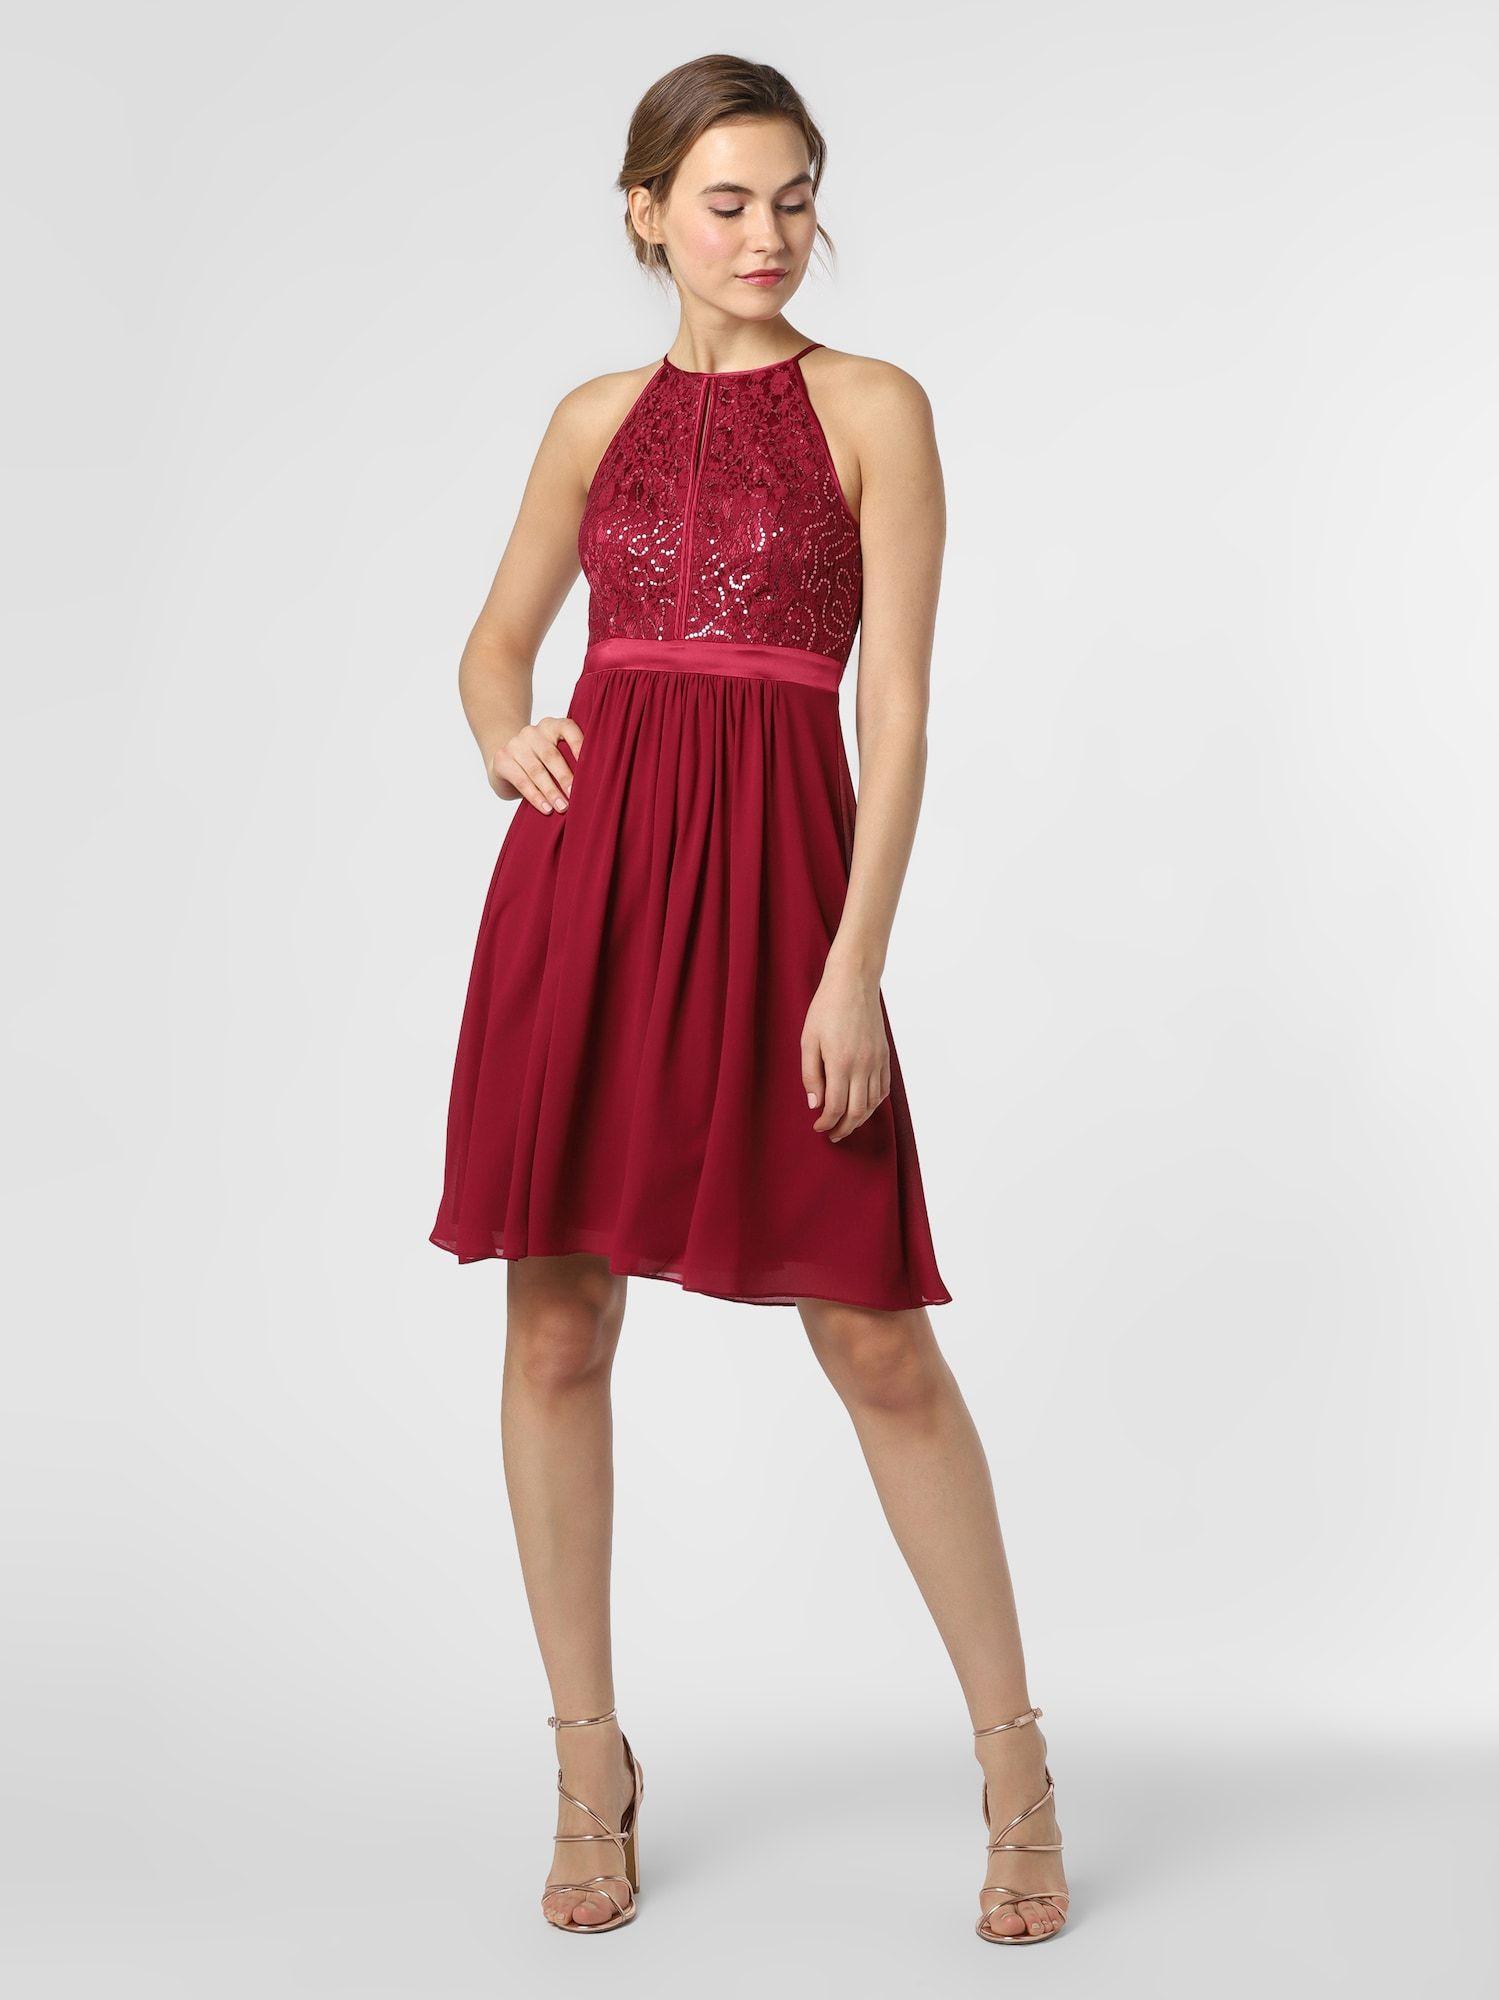 Marie Lund Kleid Damen, Himbeer, Größe 13 in 13  Abendkleid